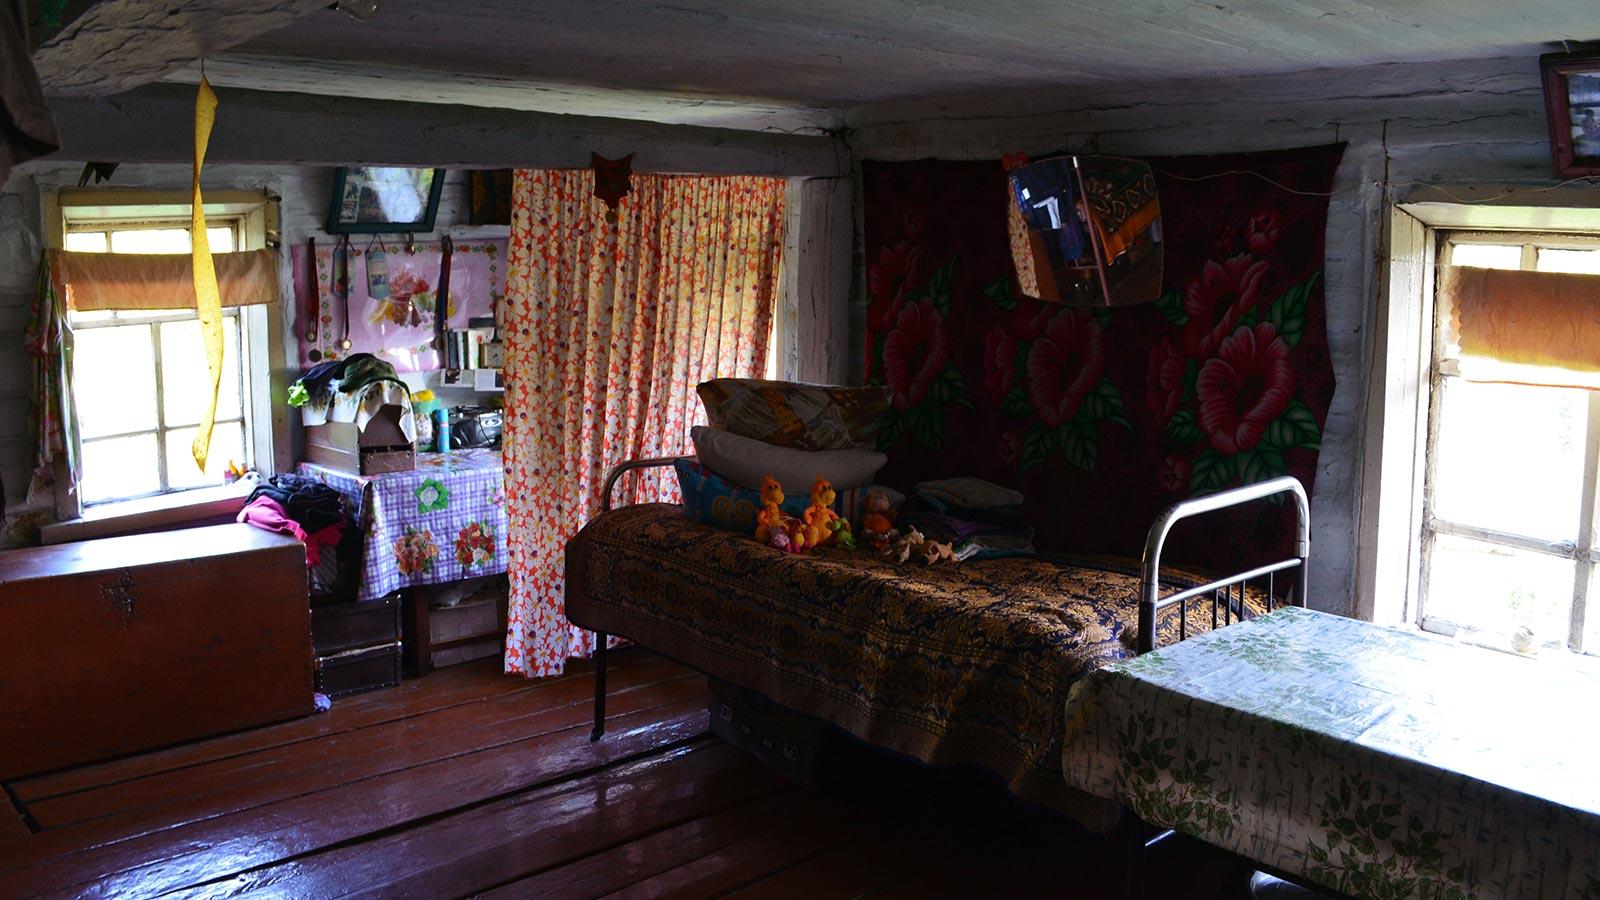 Главная горница с русской печкой в центре и запасной печкой буржуйкой у входа. В противоположном углу горницы телевизор, кухонный стол, сушилка для посуды и еще одна кровать. Вот, в общем-то, и все хозяйство.